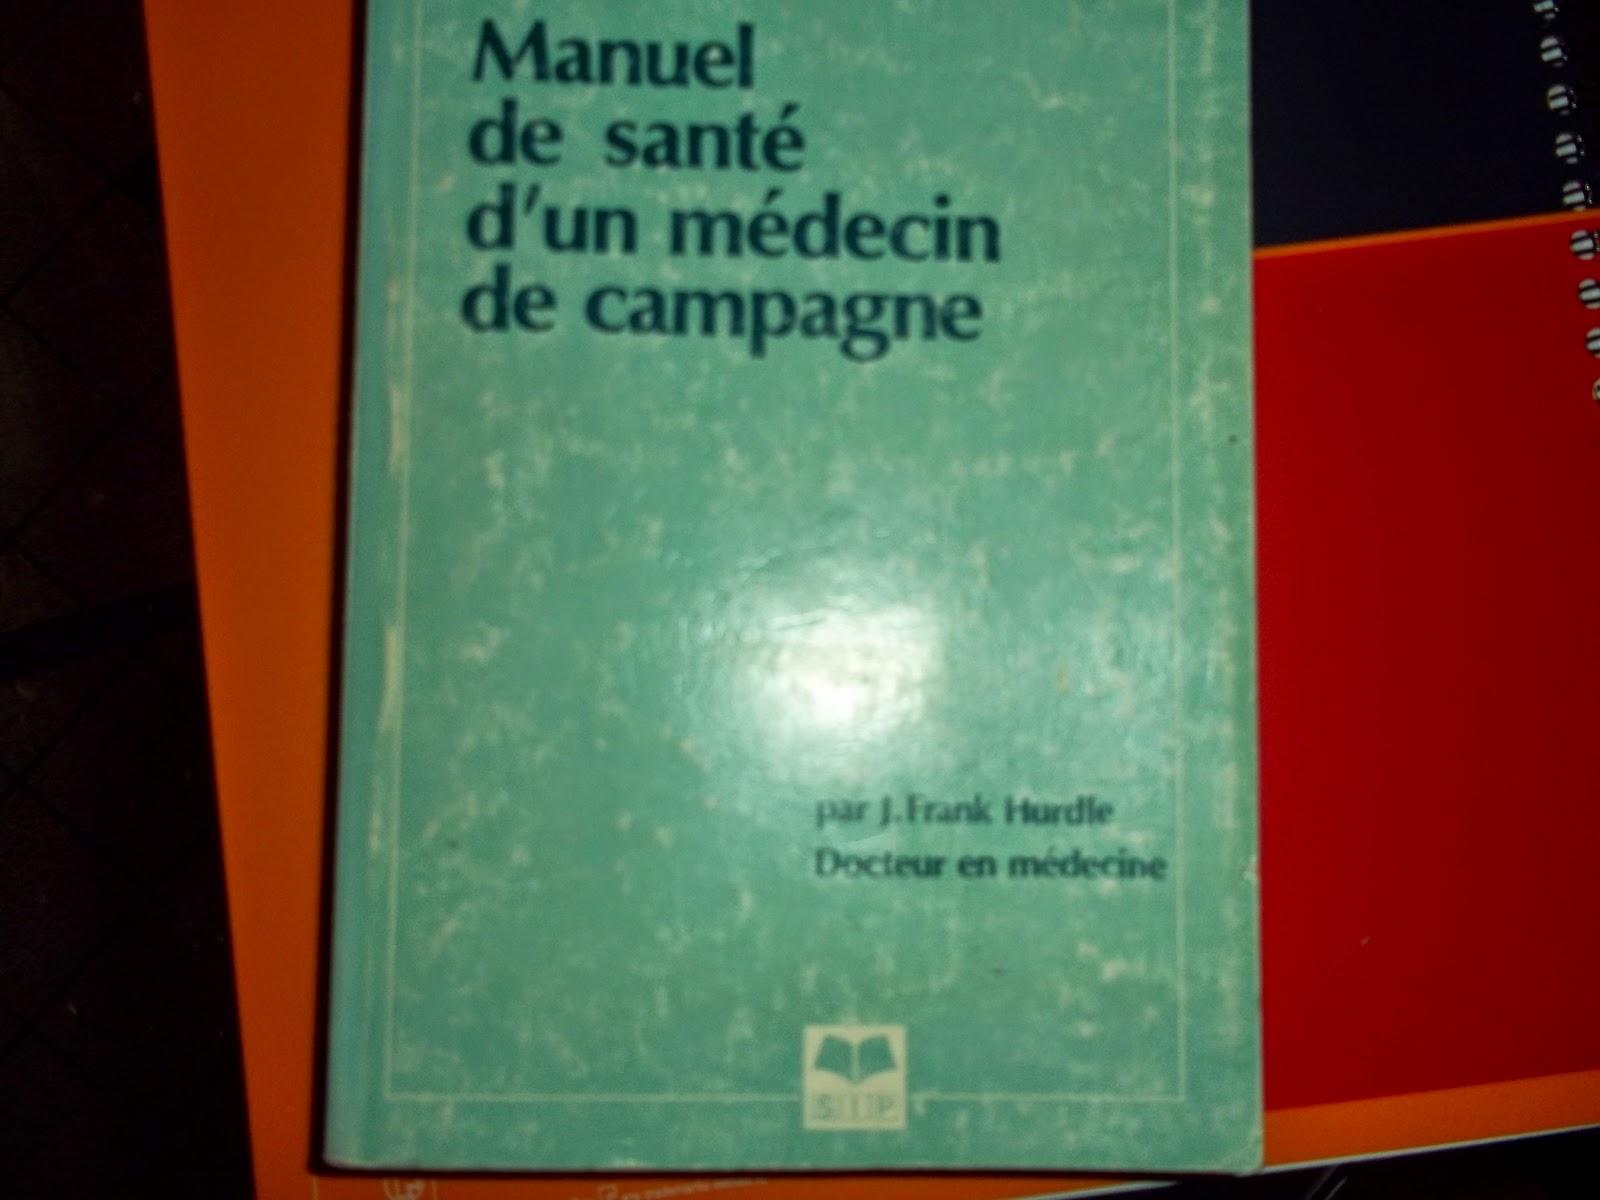 manuel de santé d'un médecin de compagne.J.F.Hurdle